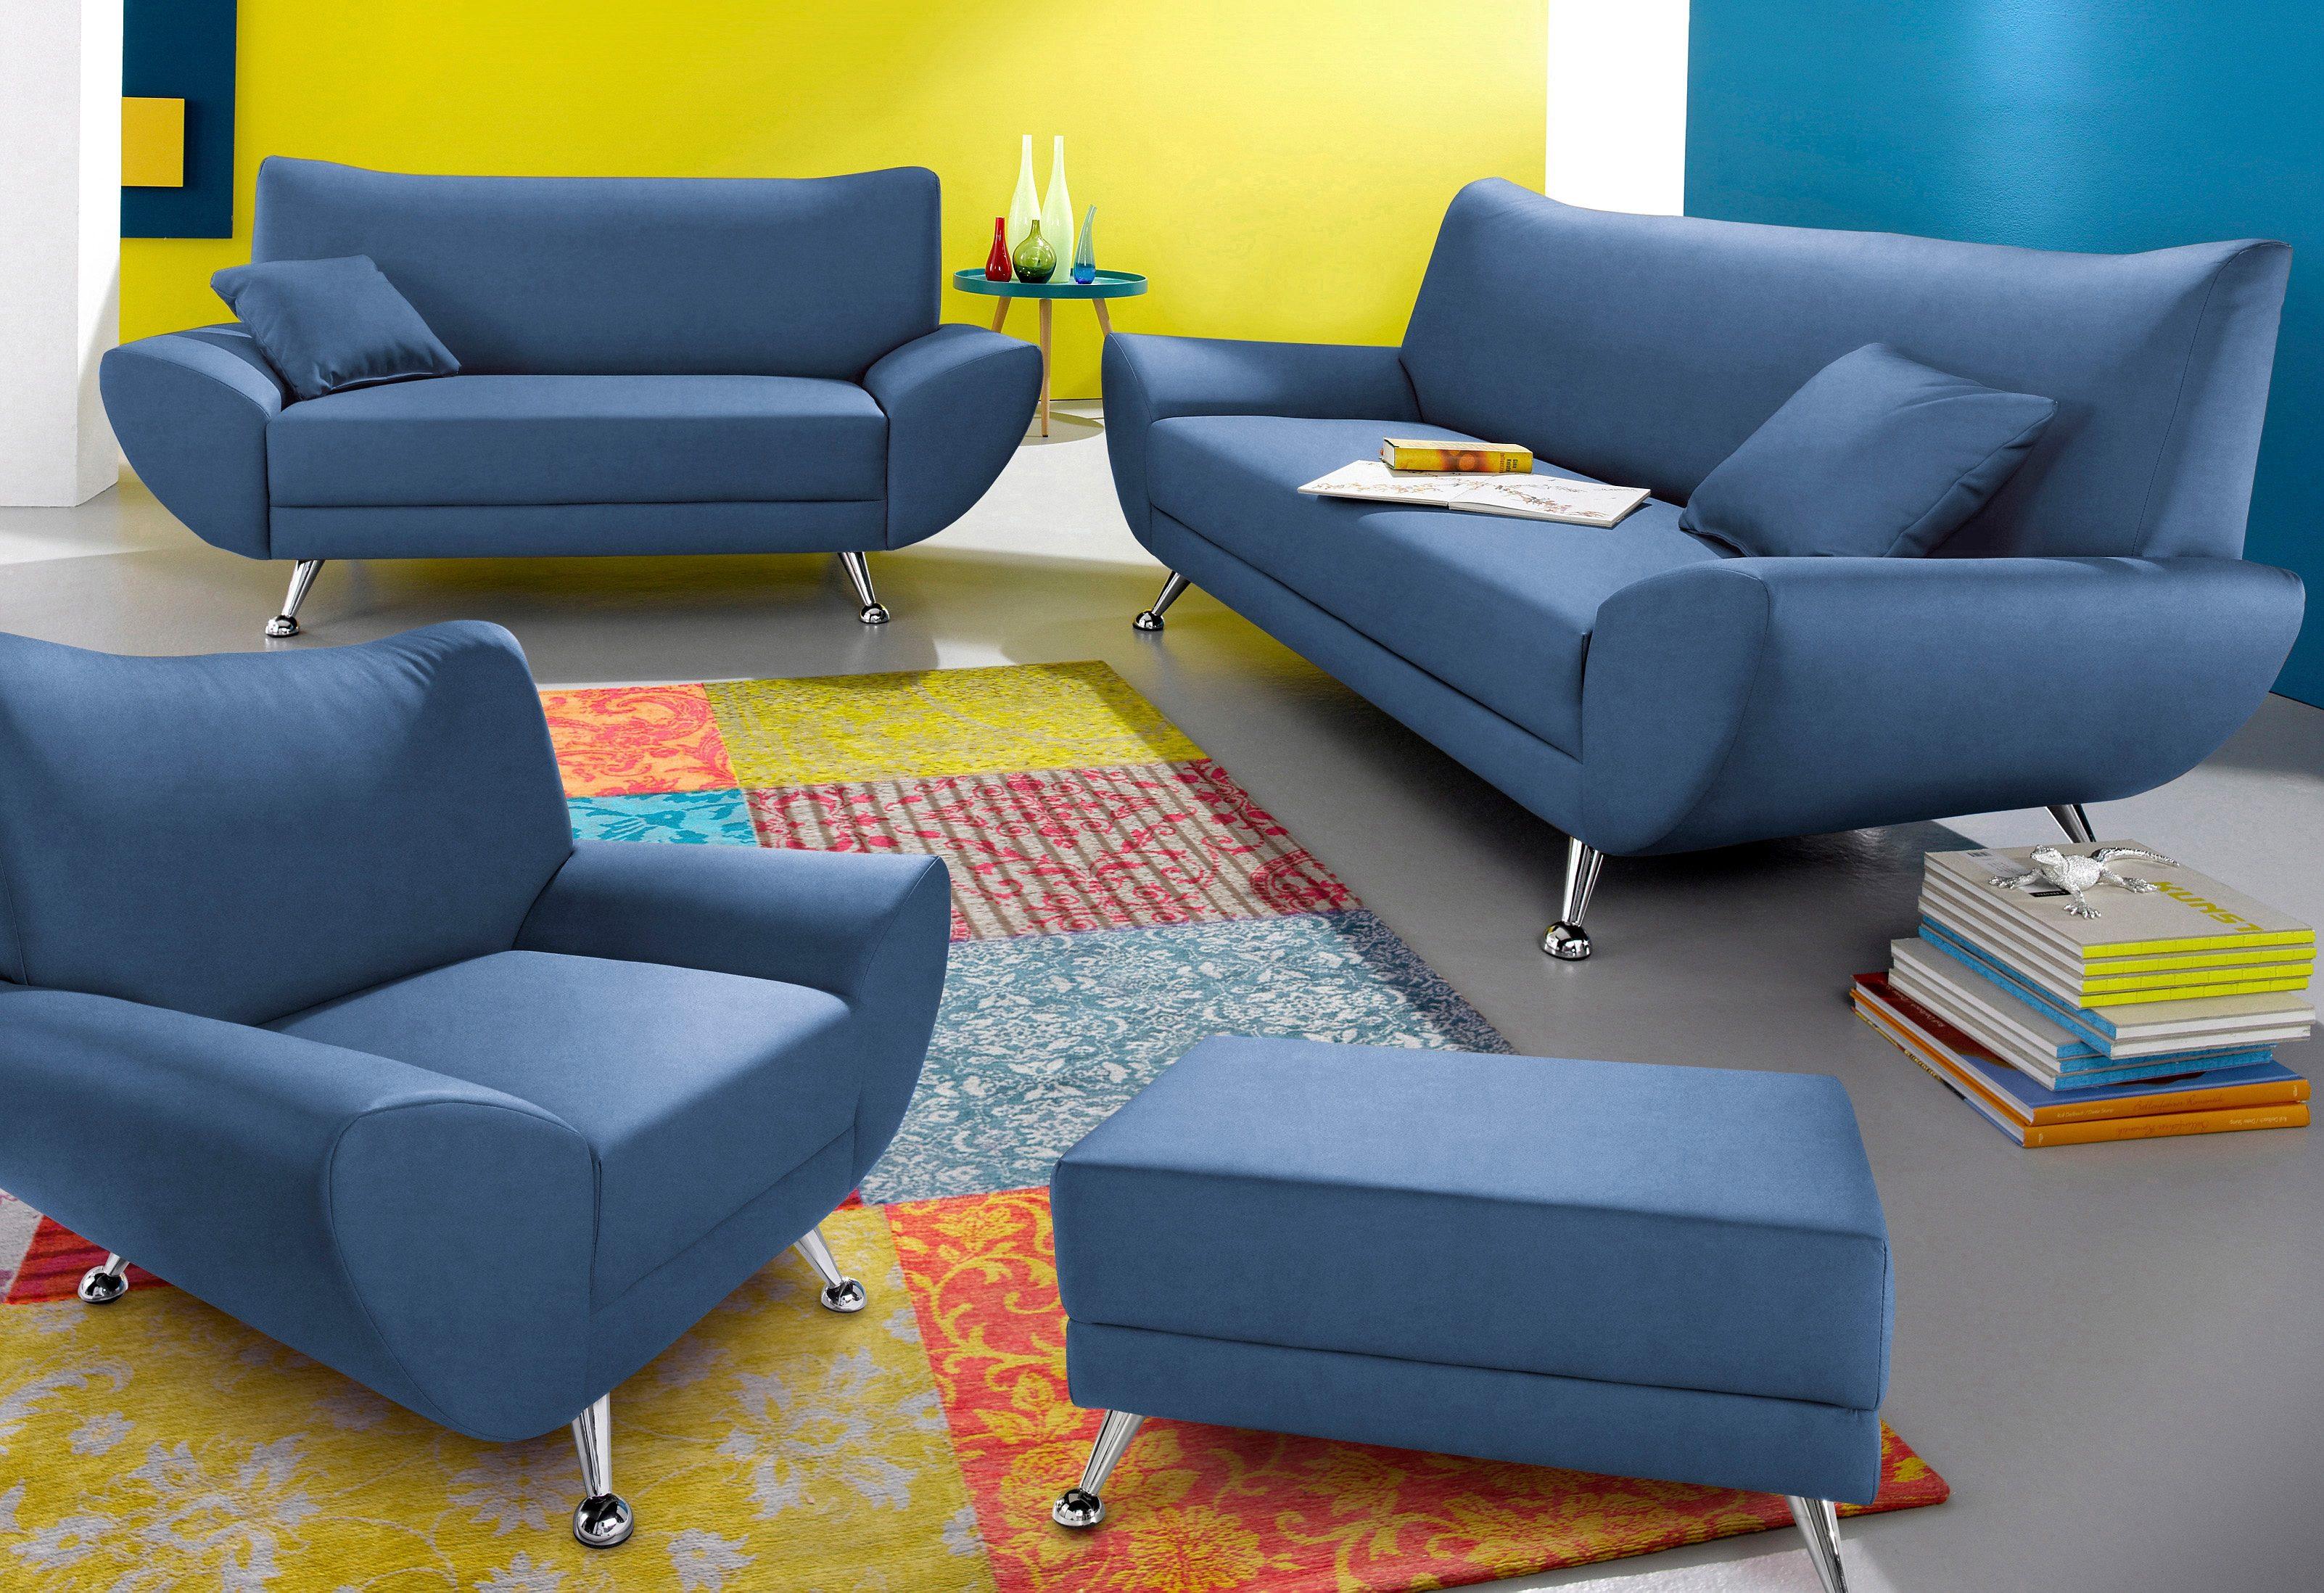 INOSIGN Garnitur | Wohnzimmer > Sofas & Couches > Wohnlandschaften | Microfaser - Kunstleder | INOSIGN